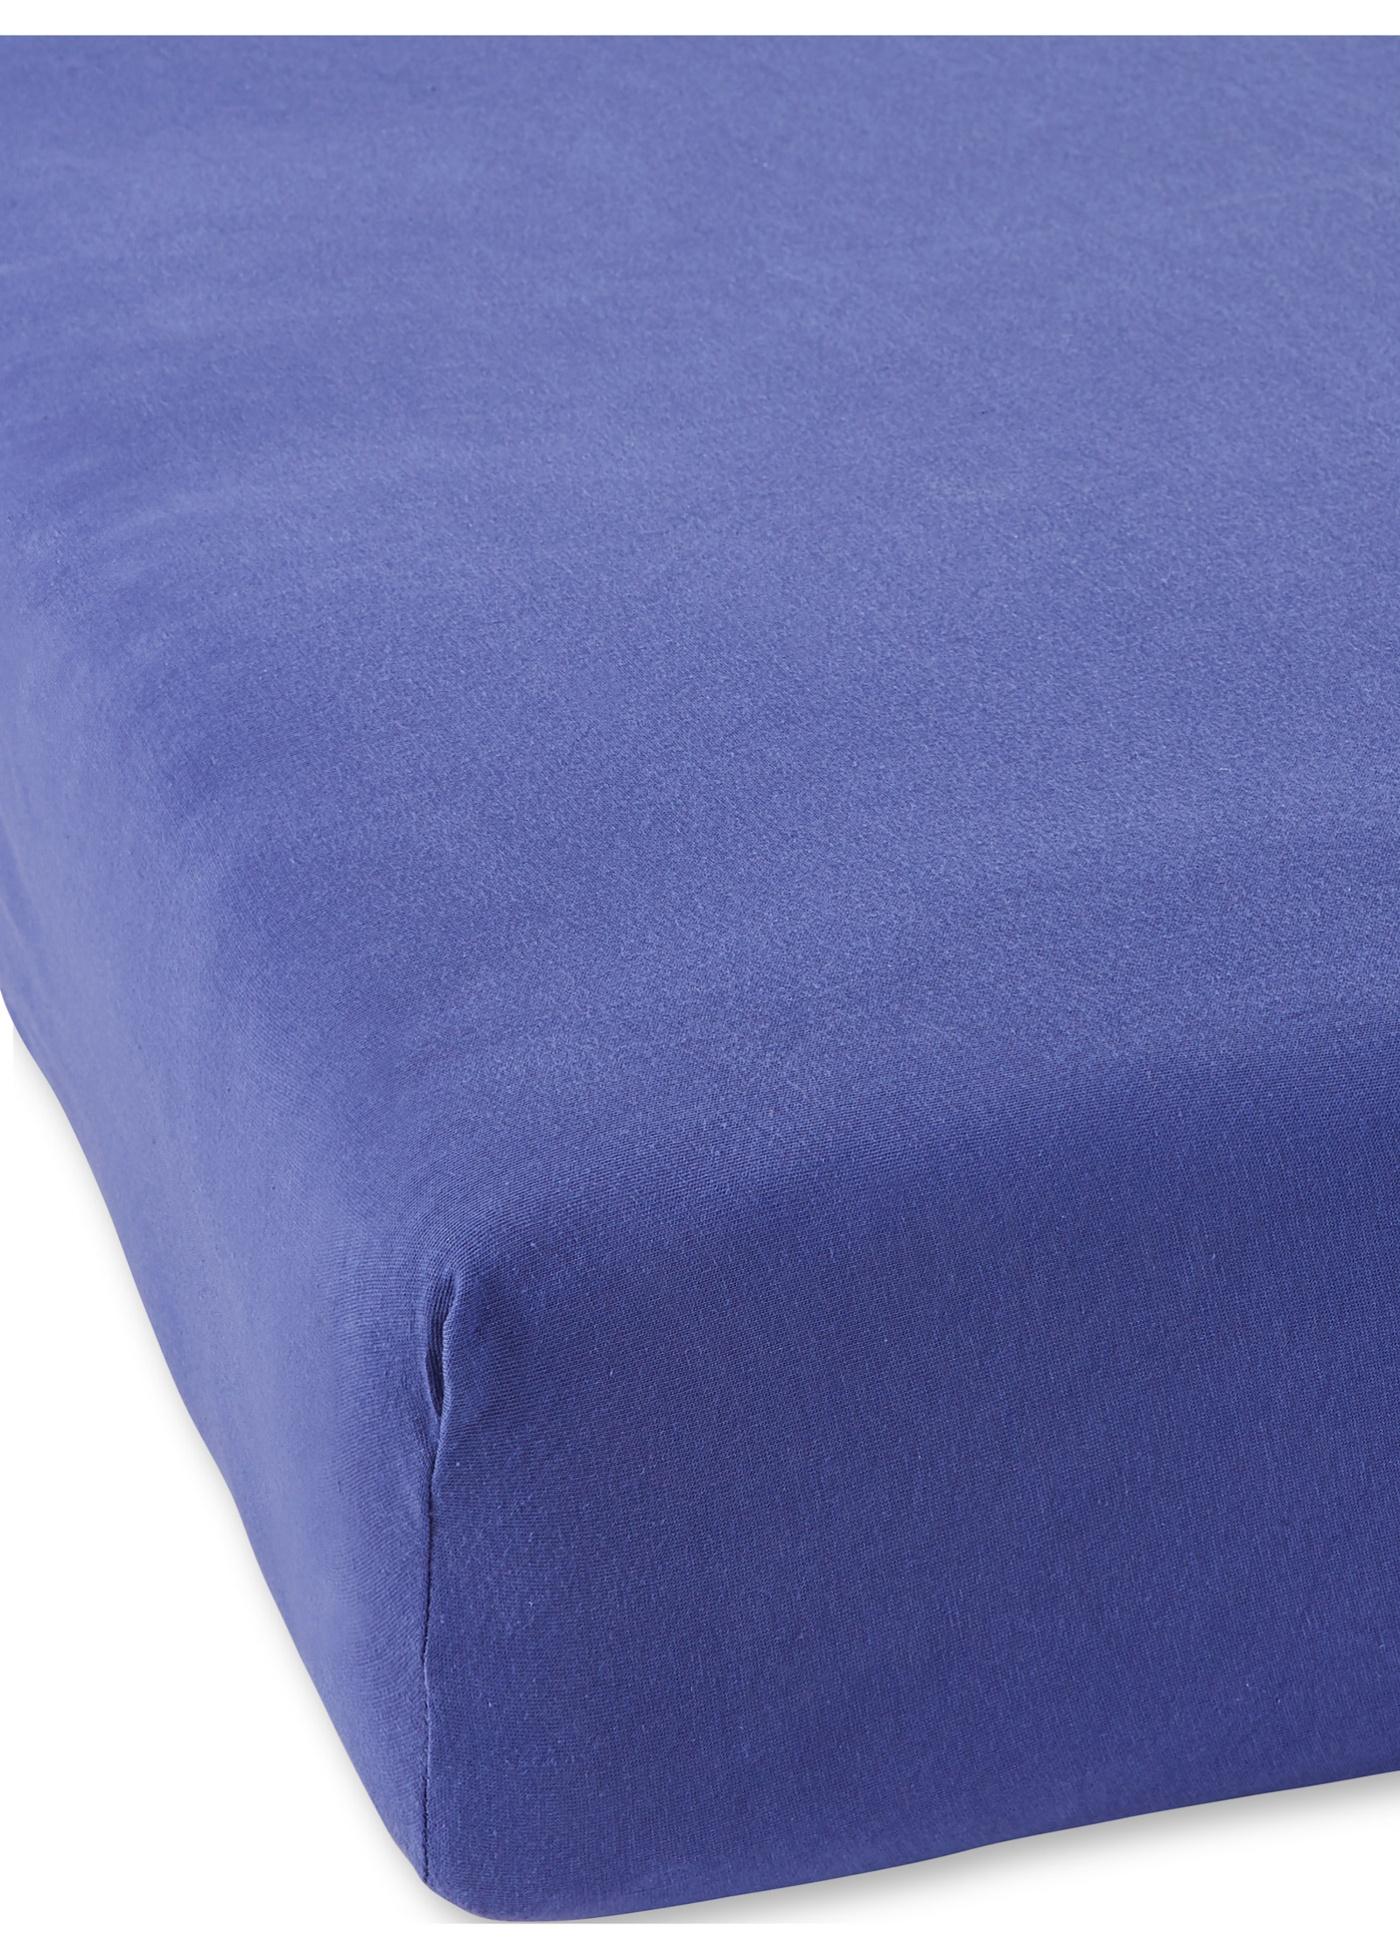 Lenzuolo con angoli in jersey di alta qualità (Blu) - bpc living bonprix collection